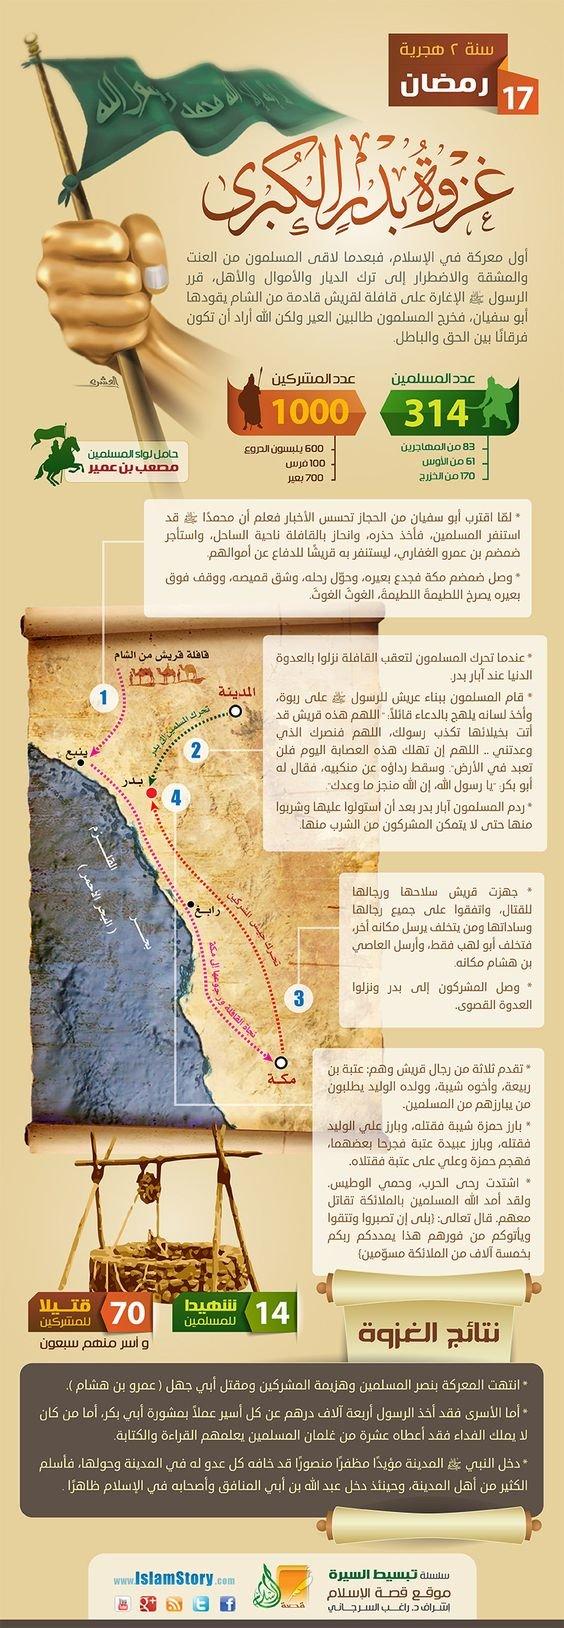 غزوات الرسول صلى الله عليه وسلم - غزوة بدر الكبرى #انفوجرافيك #انفوجرافيك_عربي